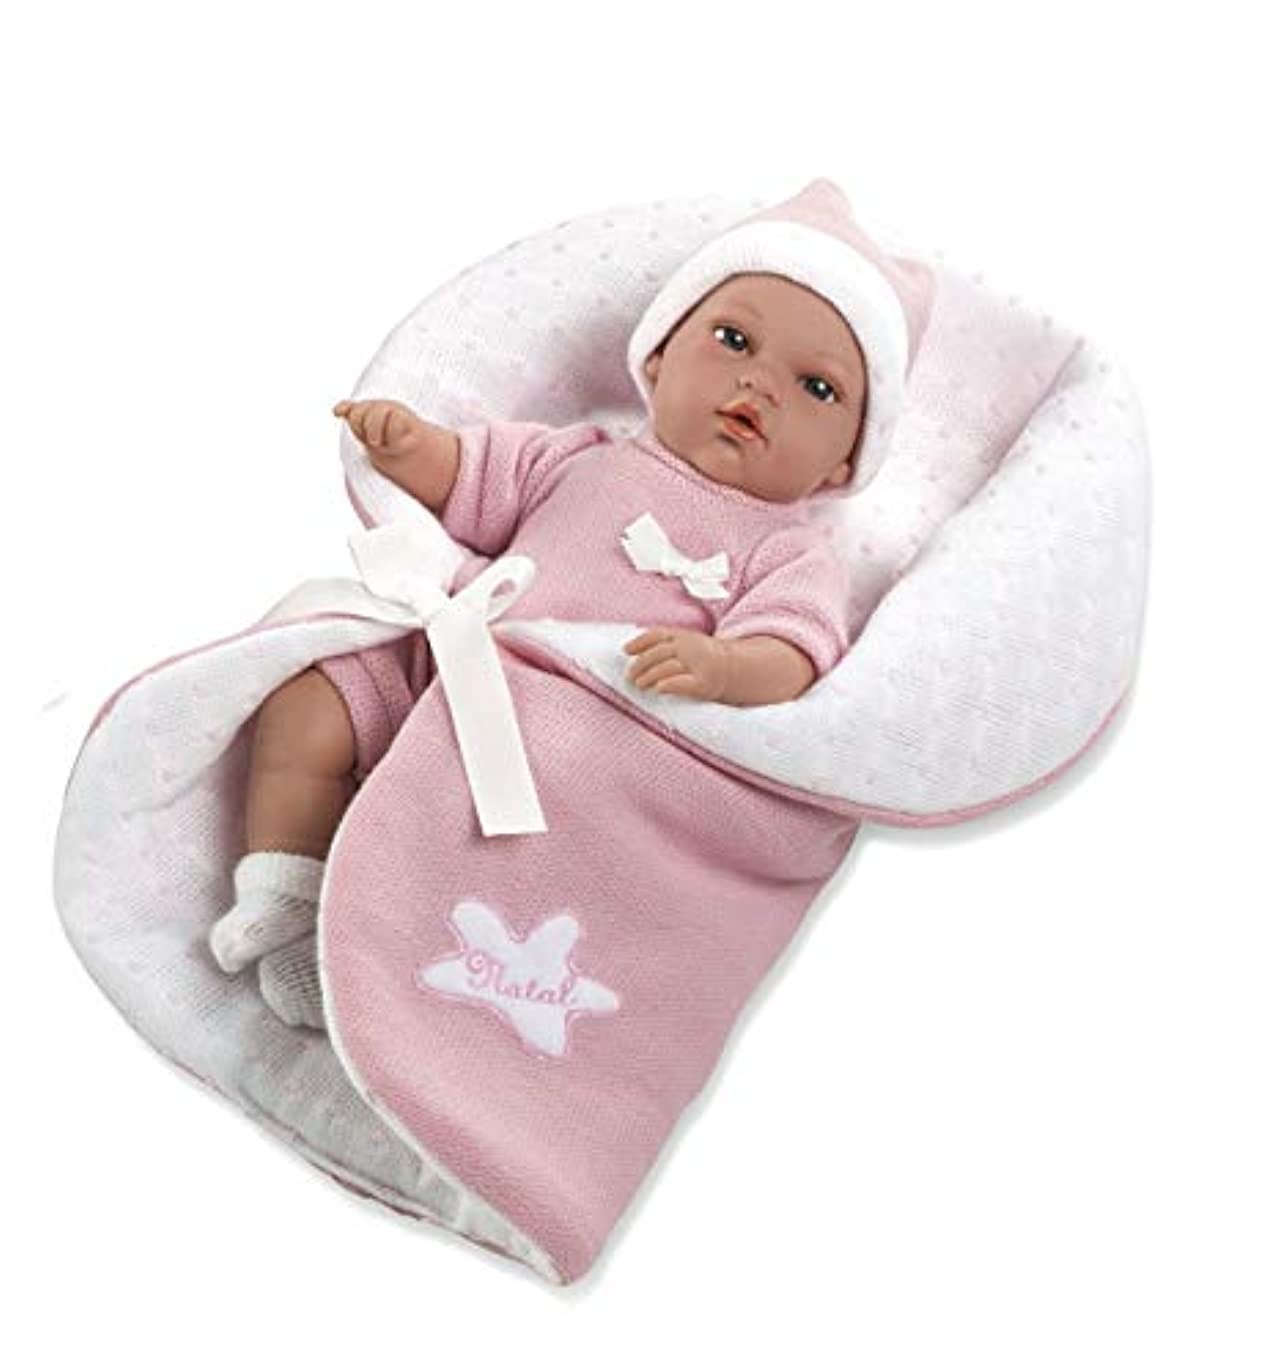 リル哀シネウィAnn Lauren 人形 赤ちゃん ナチュラルピンク 13インチ ベビードール